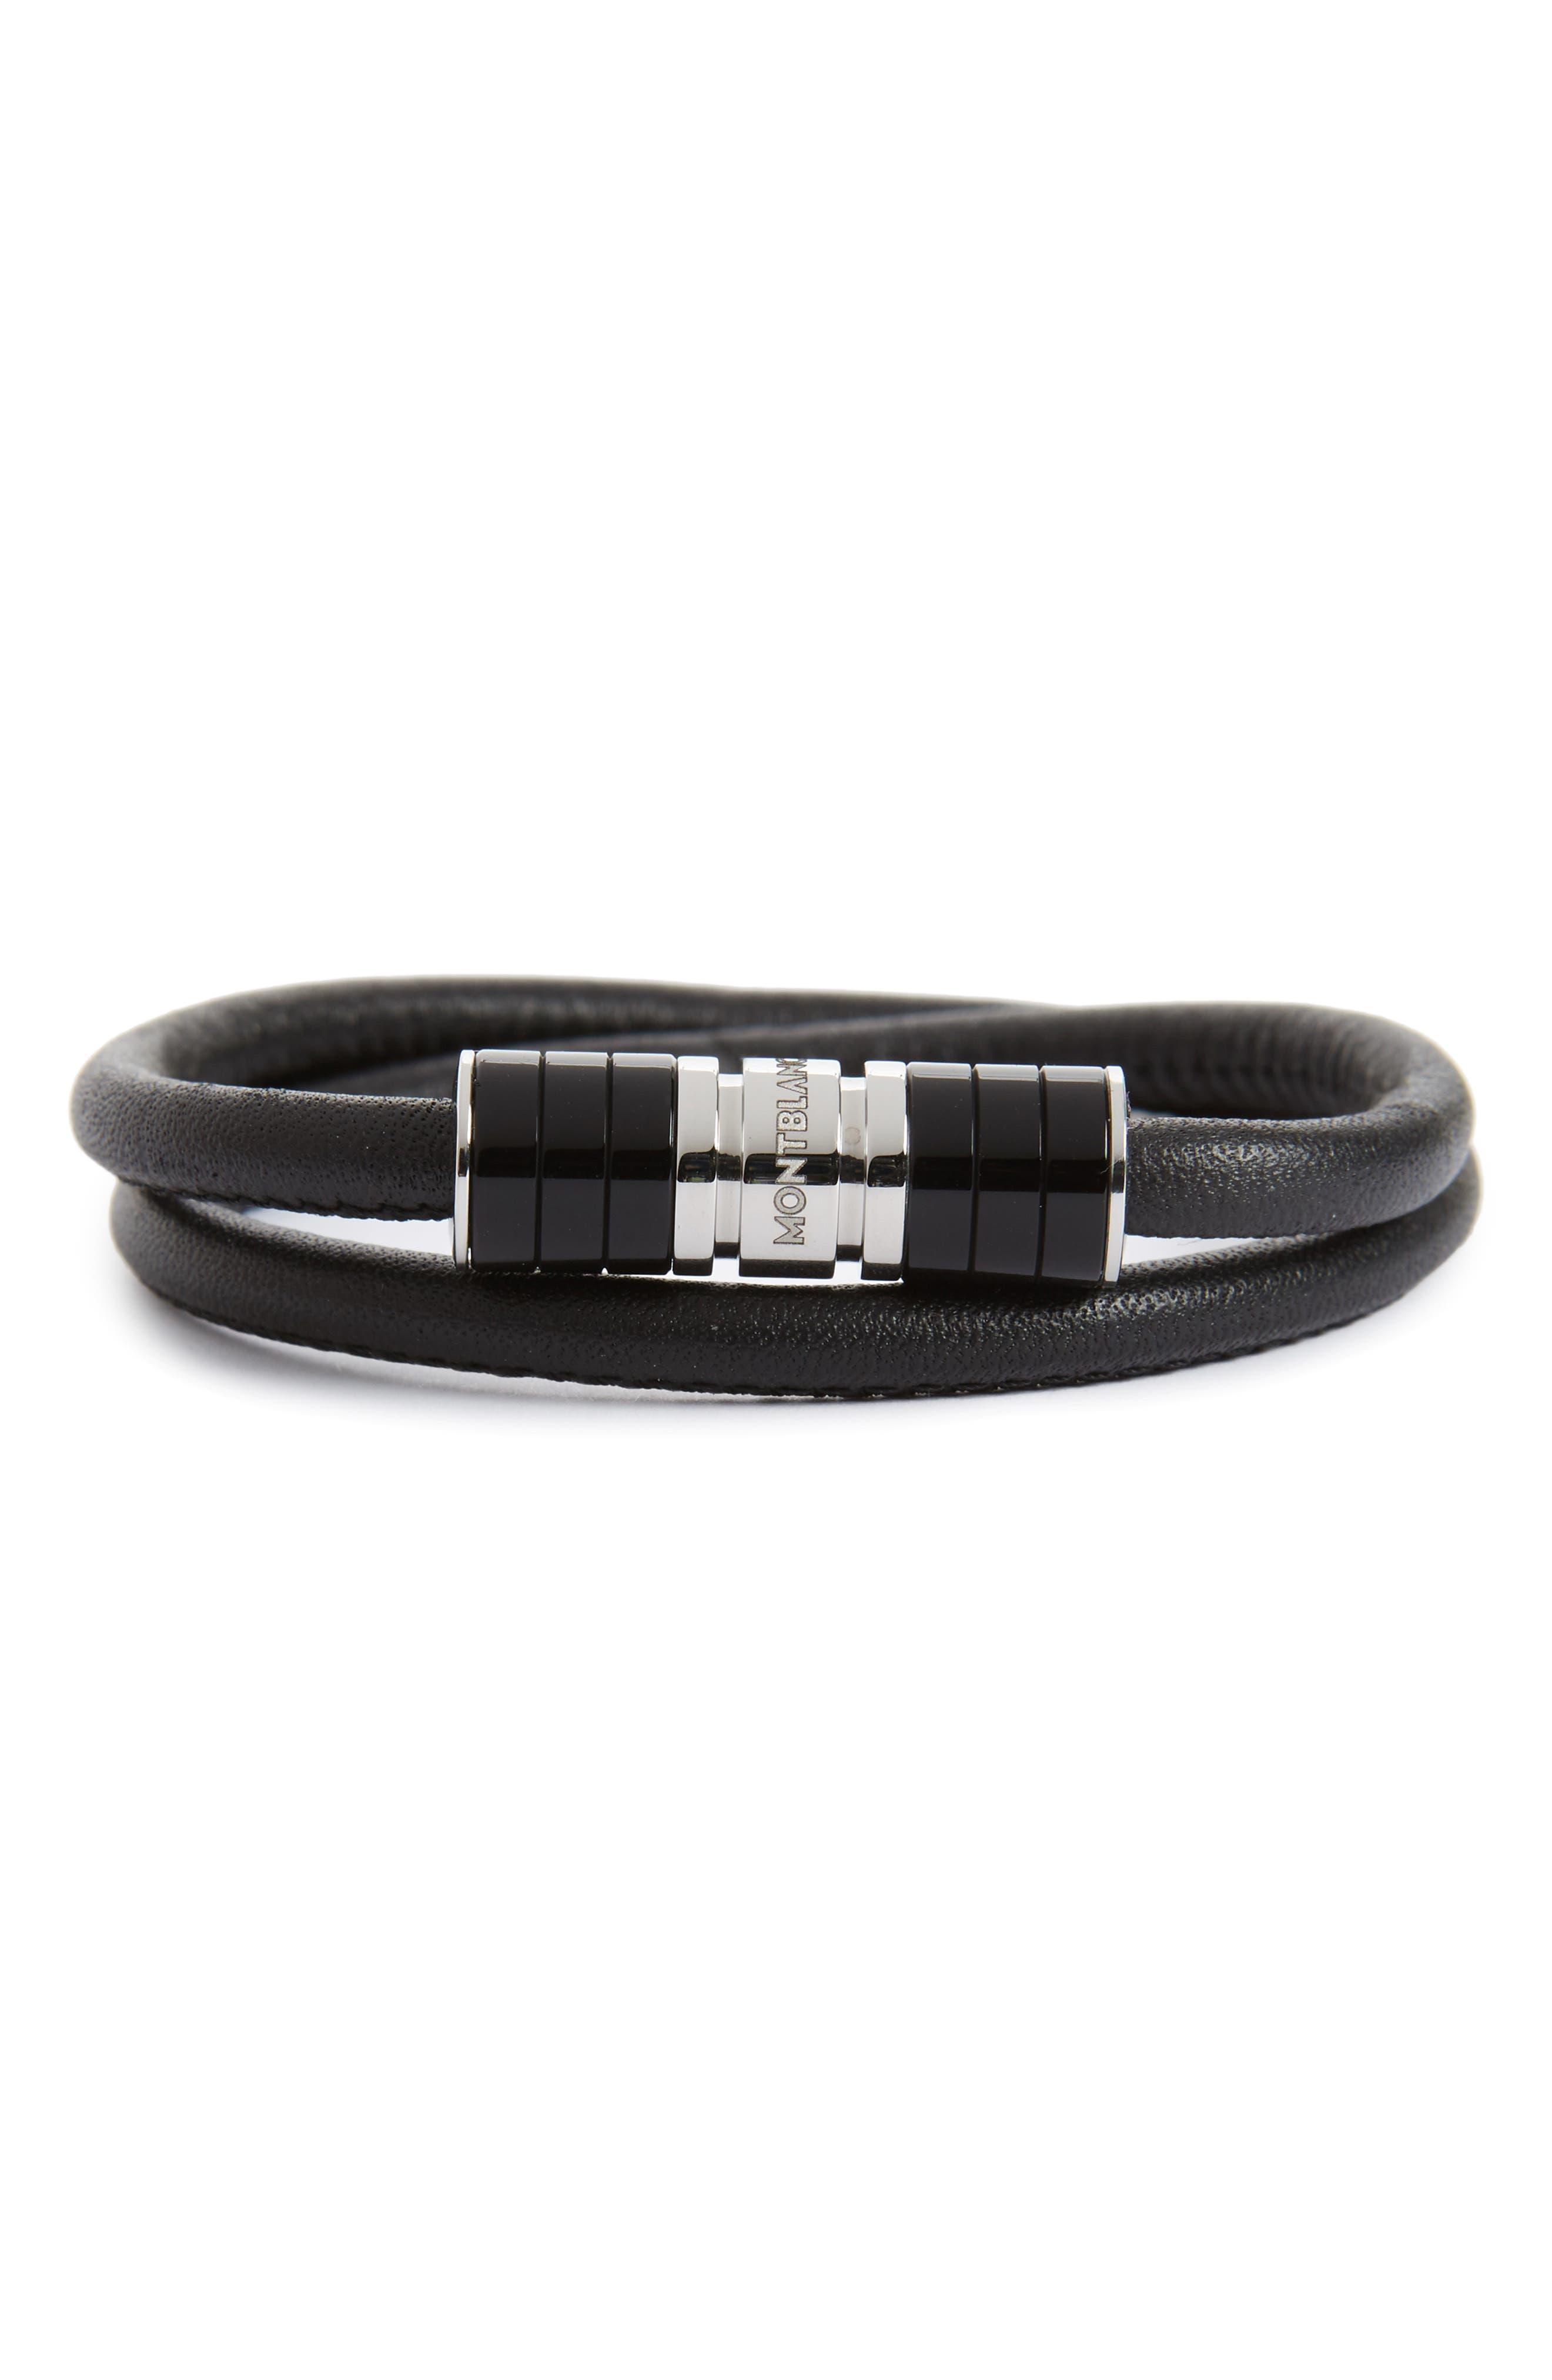 MONTBLANC, Leather Bracelet, Main thumbnail 1, color, BLACK